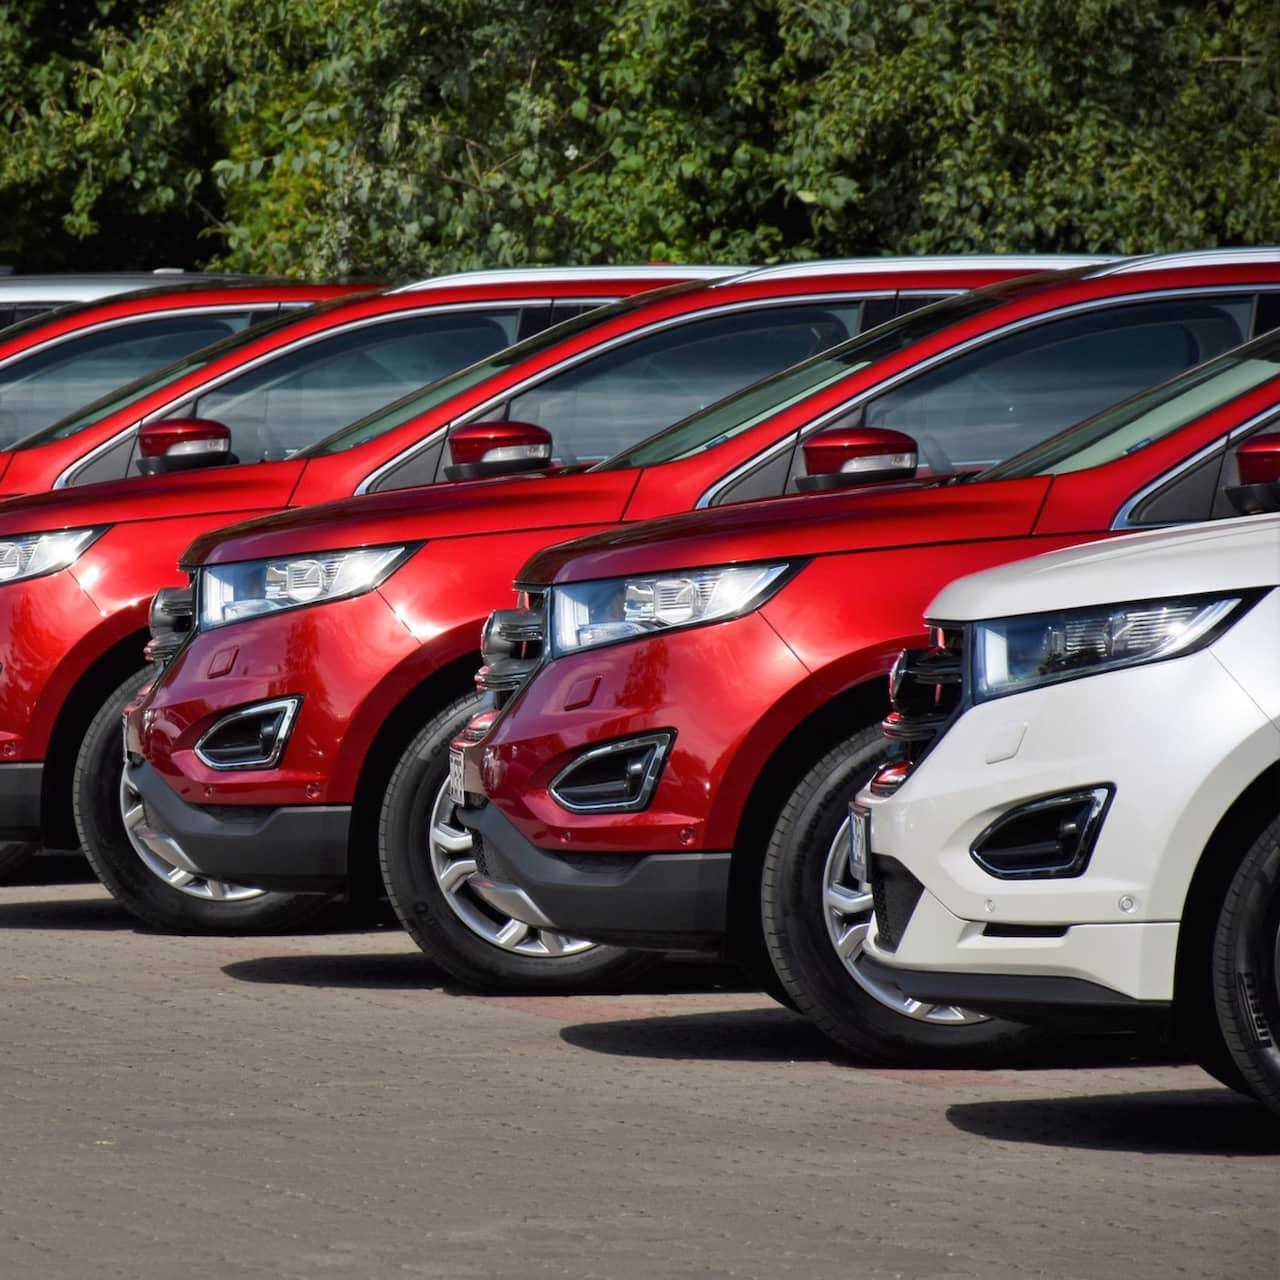 Handlare säljer bilar med olagliga lån